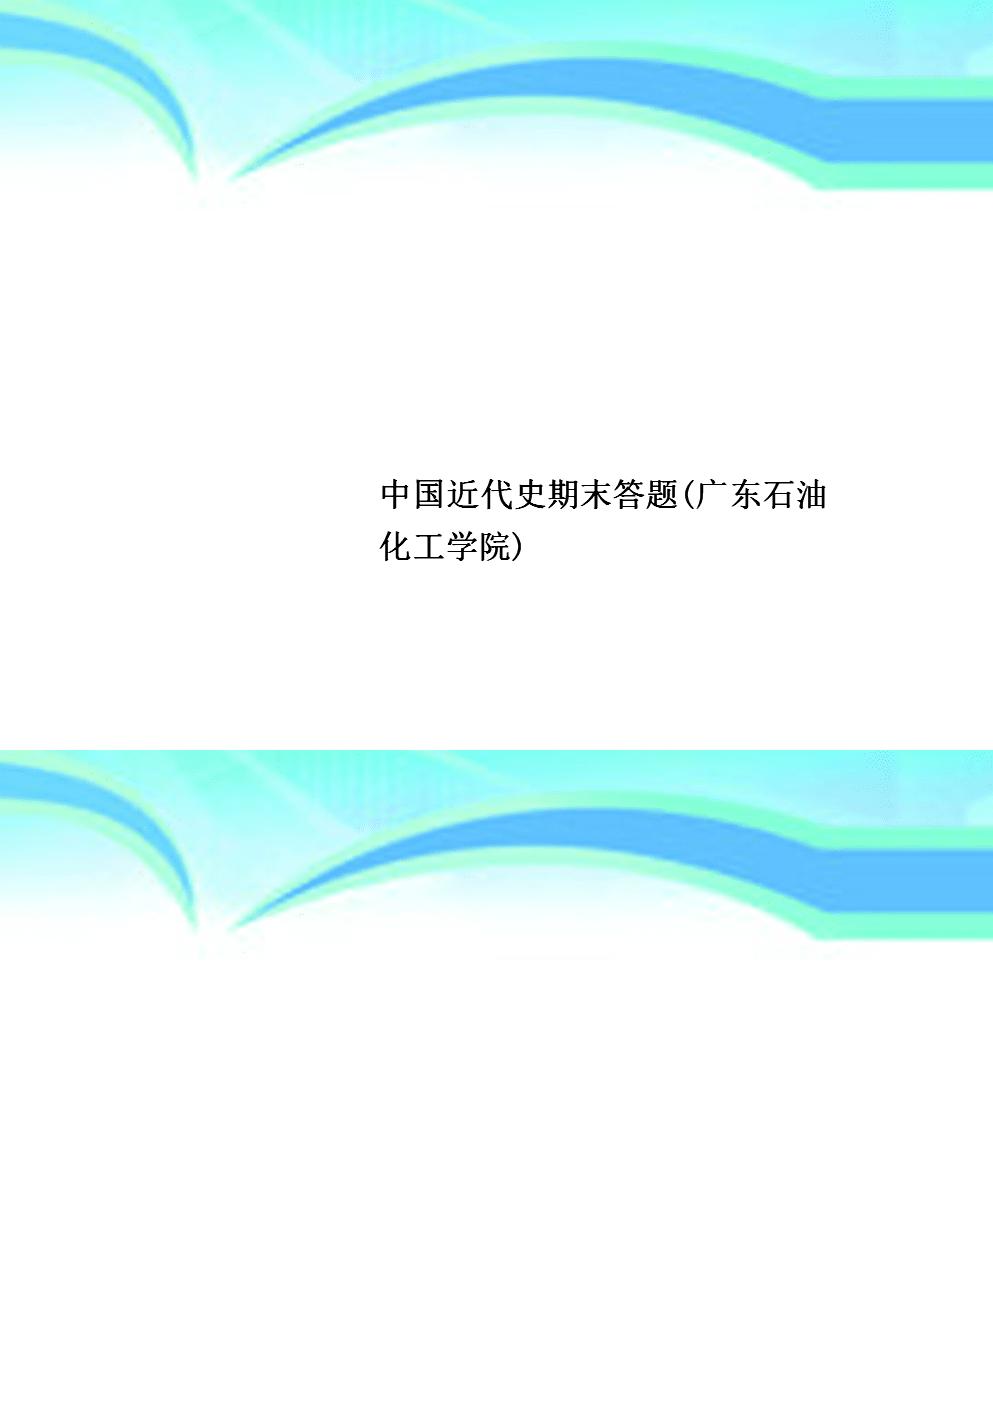 中国近代史期末答题广东石油化工学院.doc